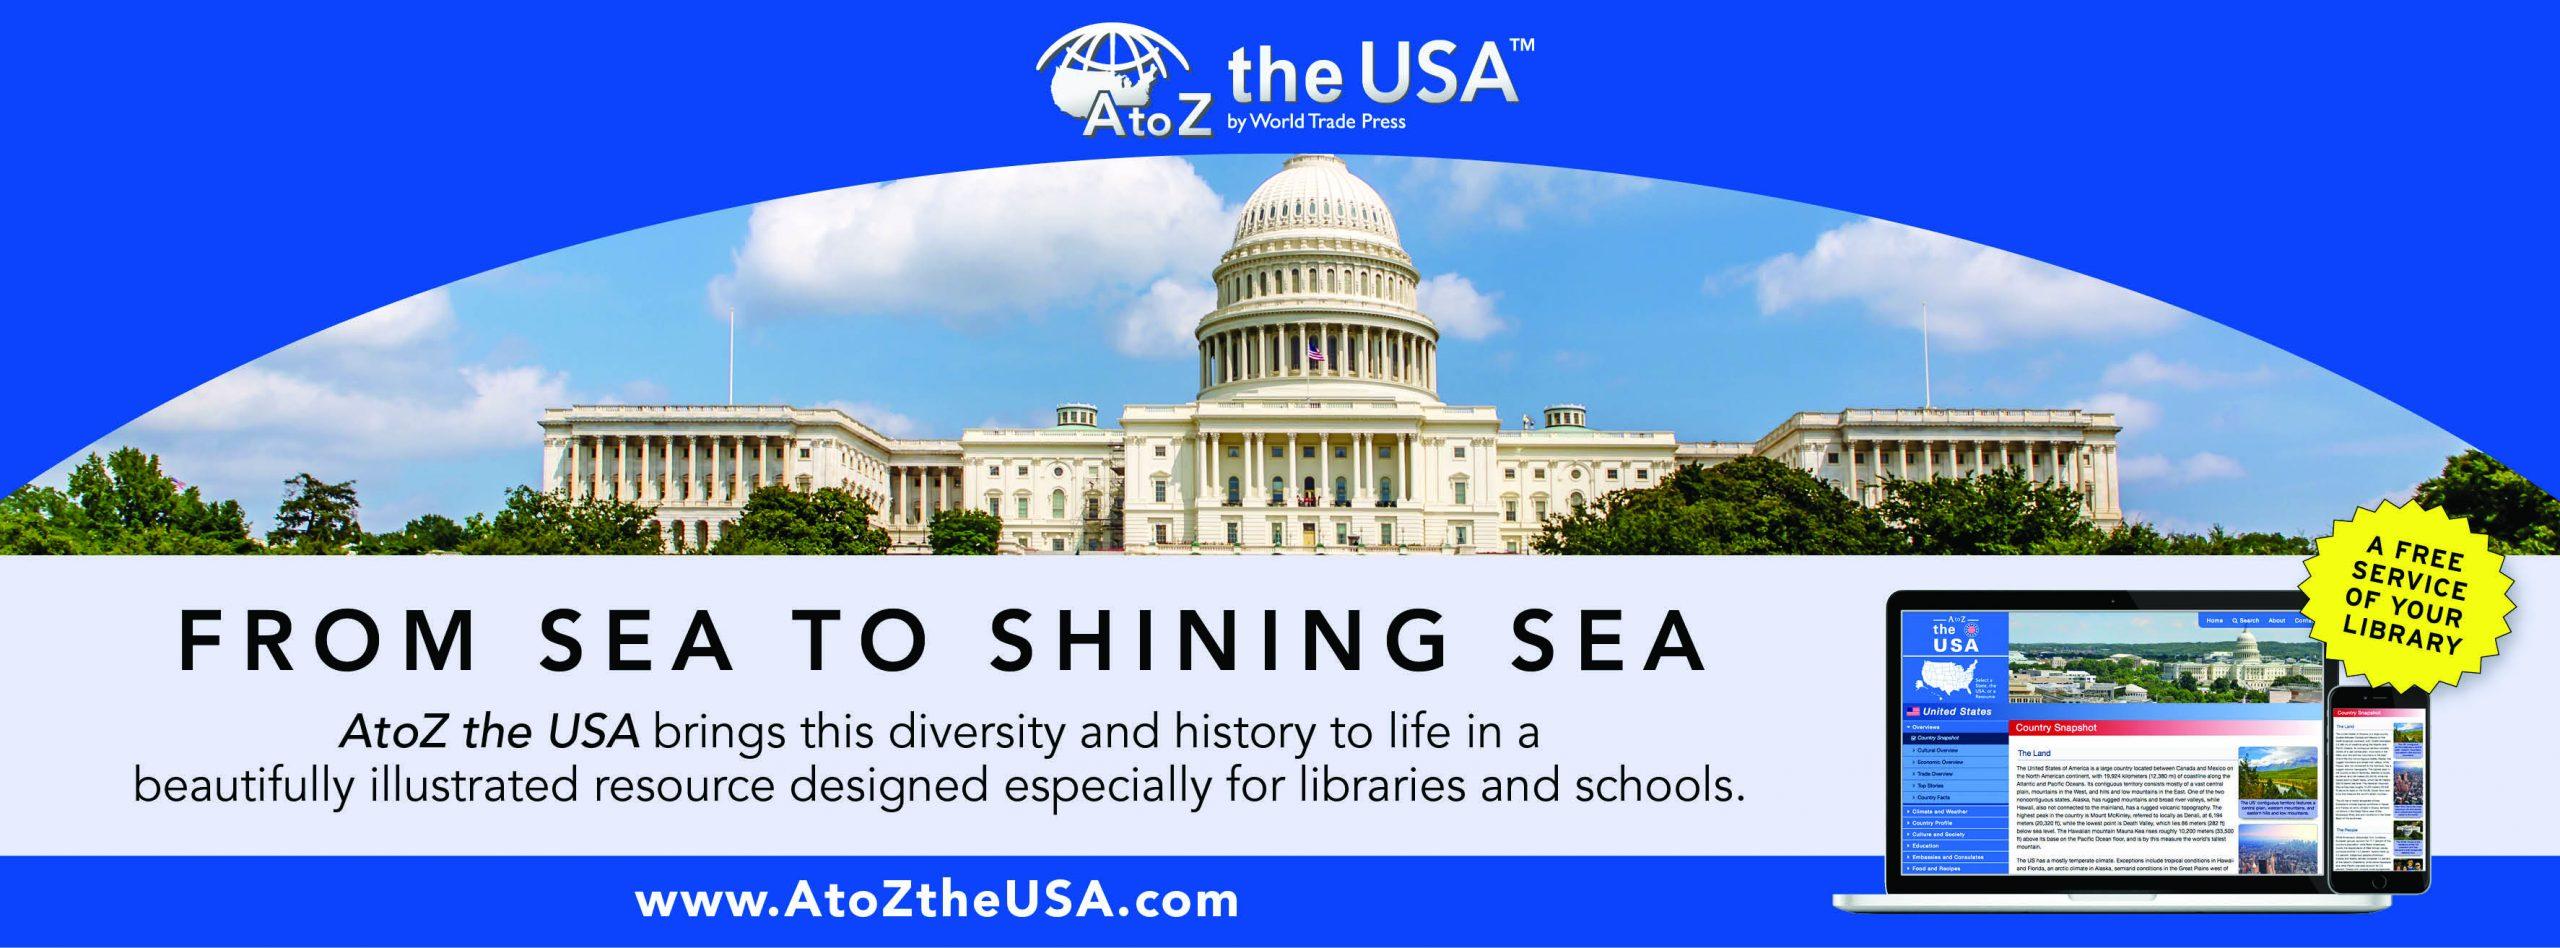 AtoZ the USA promotional image for database